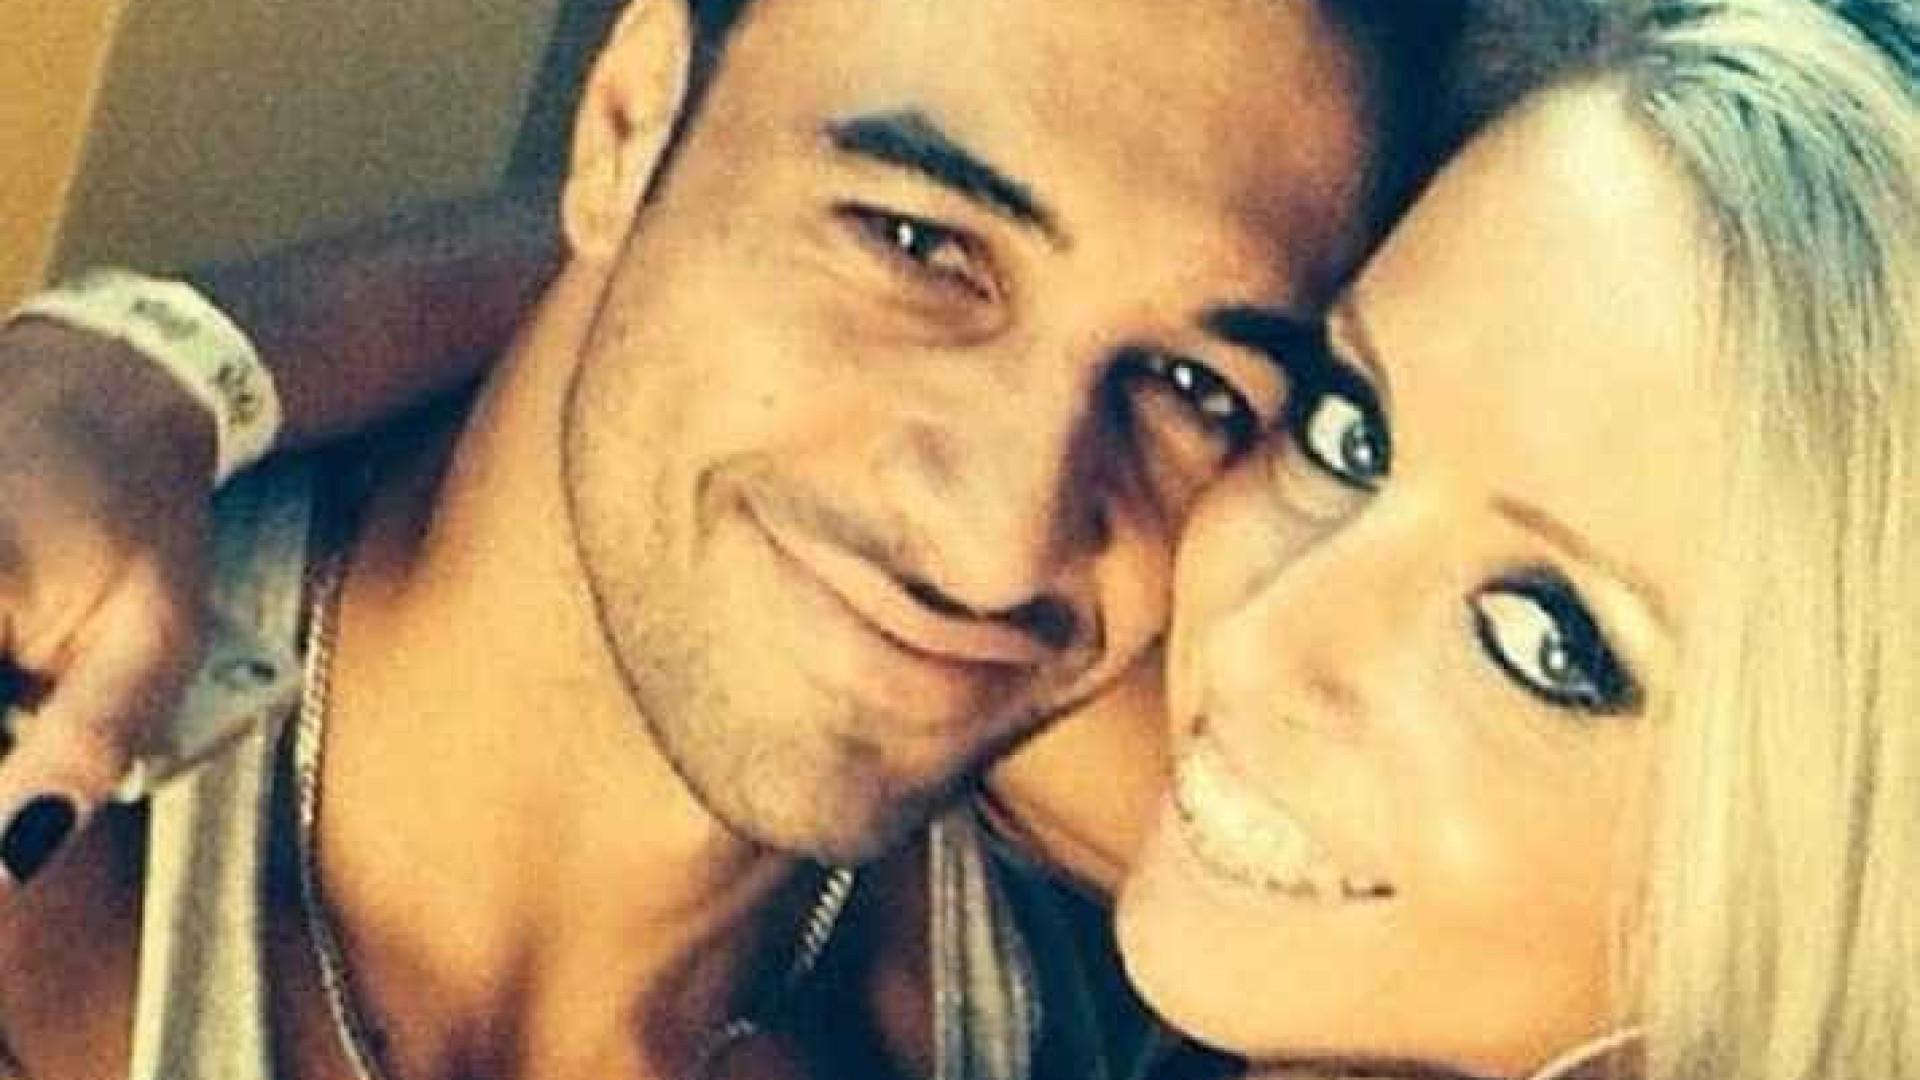 Médico acusado de matar namorada  é preso pela 2ª vez em Curitiba